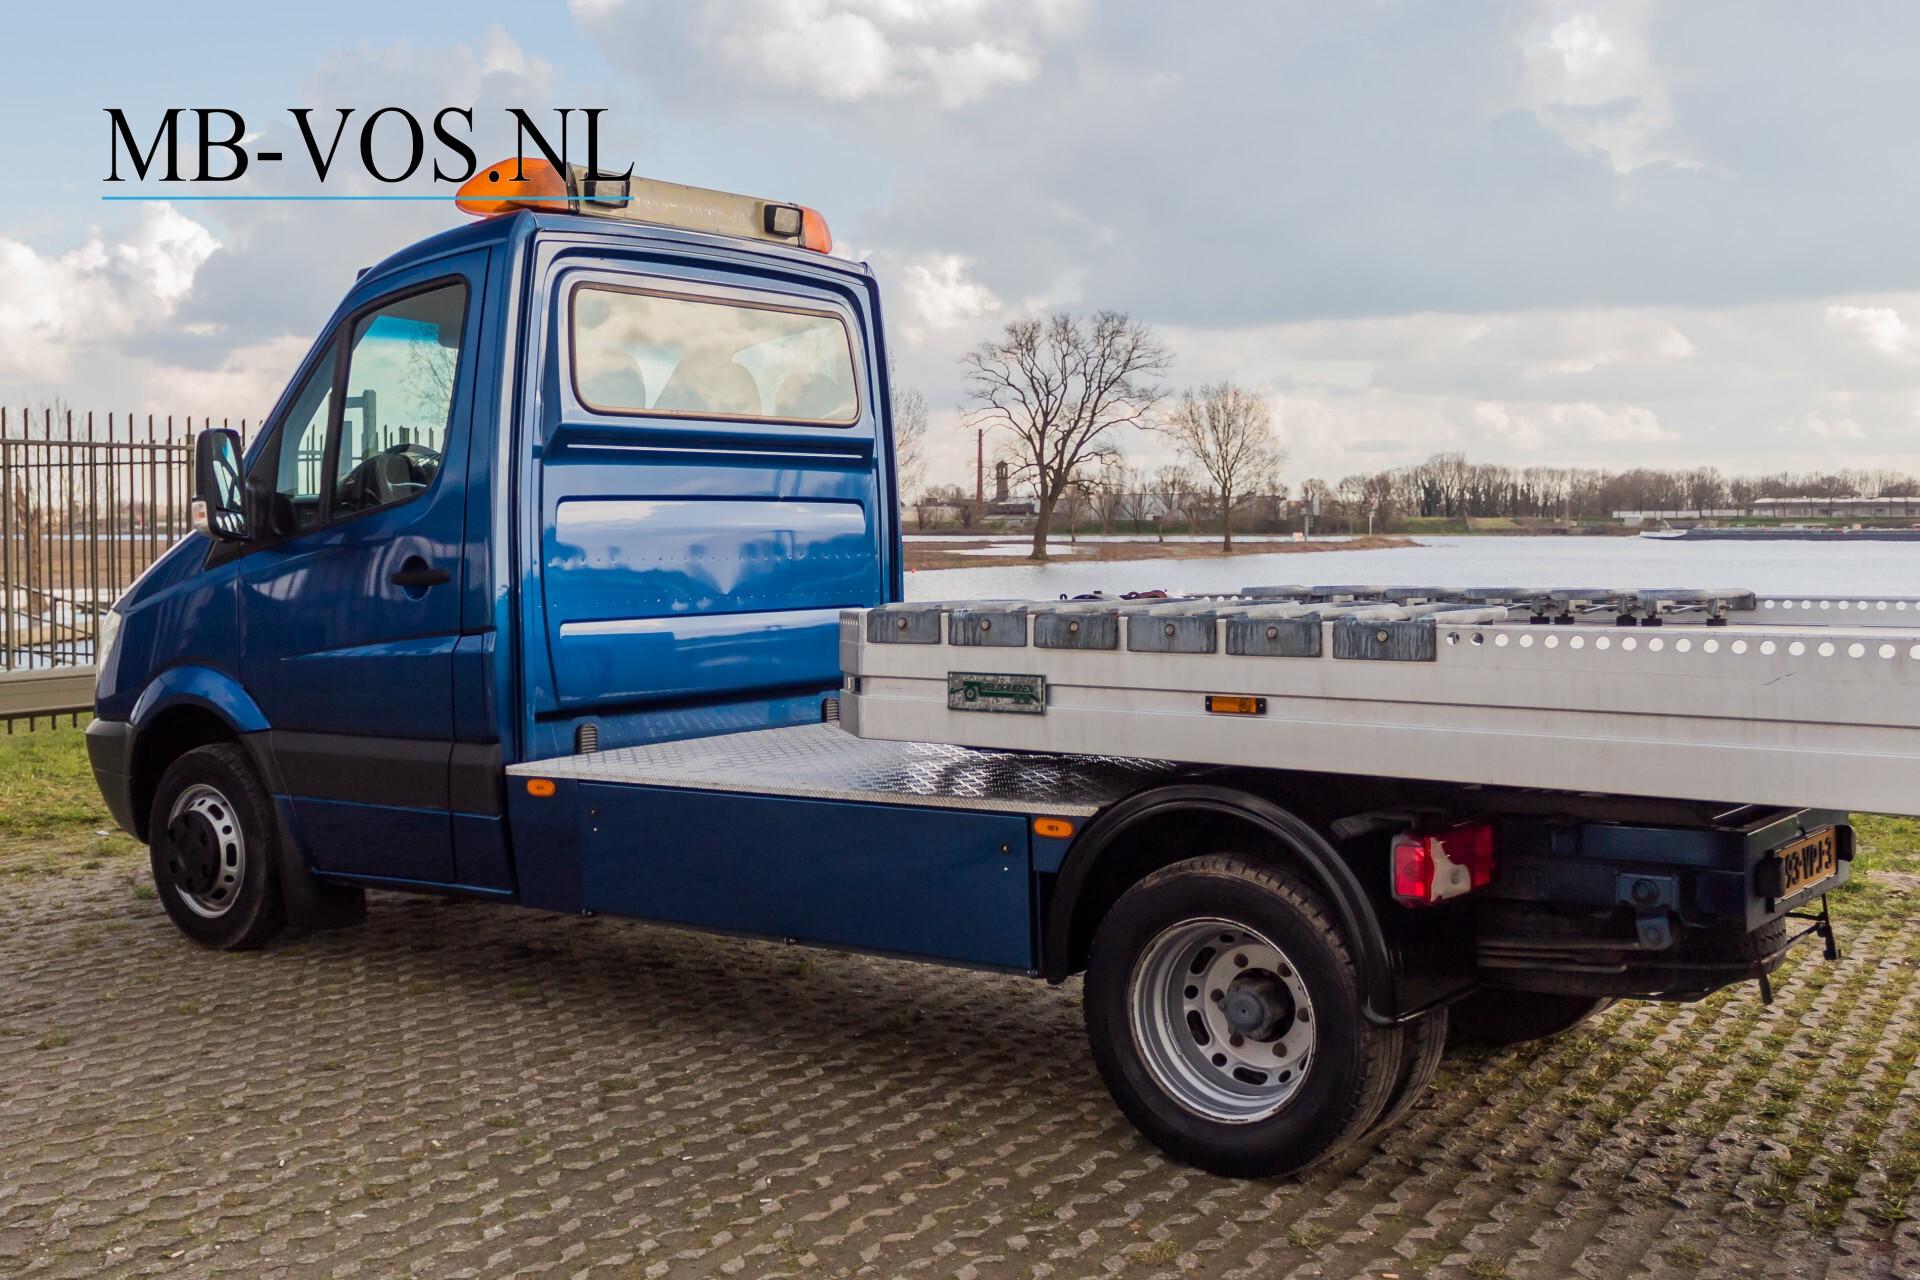 Mercedes-Benz Sprinter 518 3.0 Cdi V6 Oprijwagen / Auto ambulance 7360 kg Foto 6